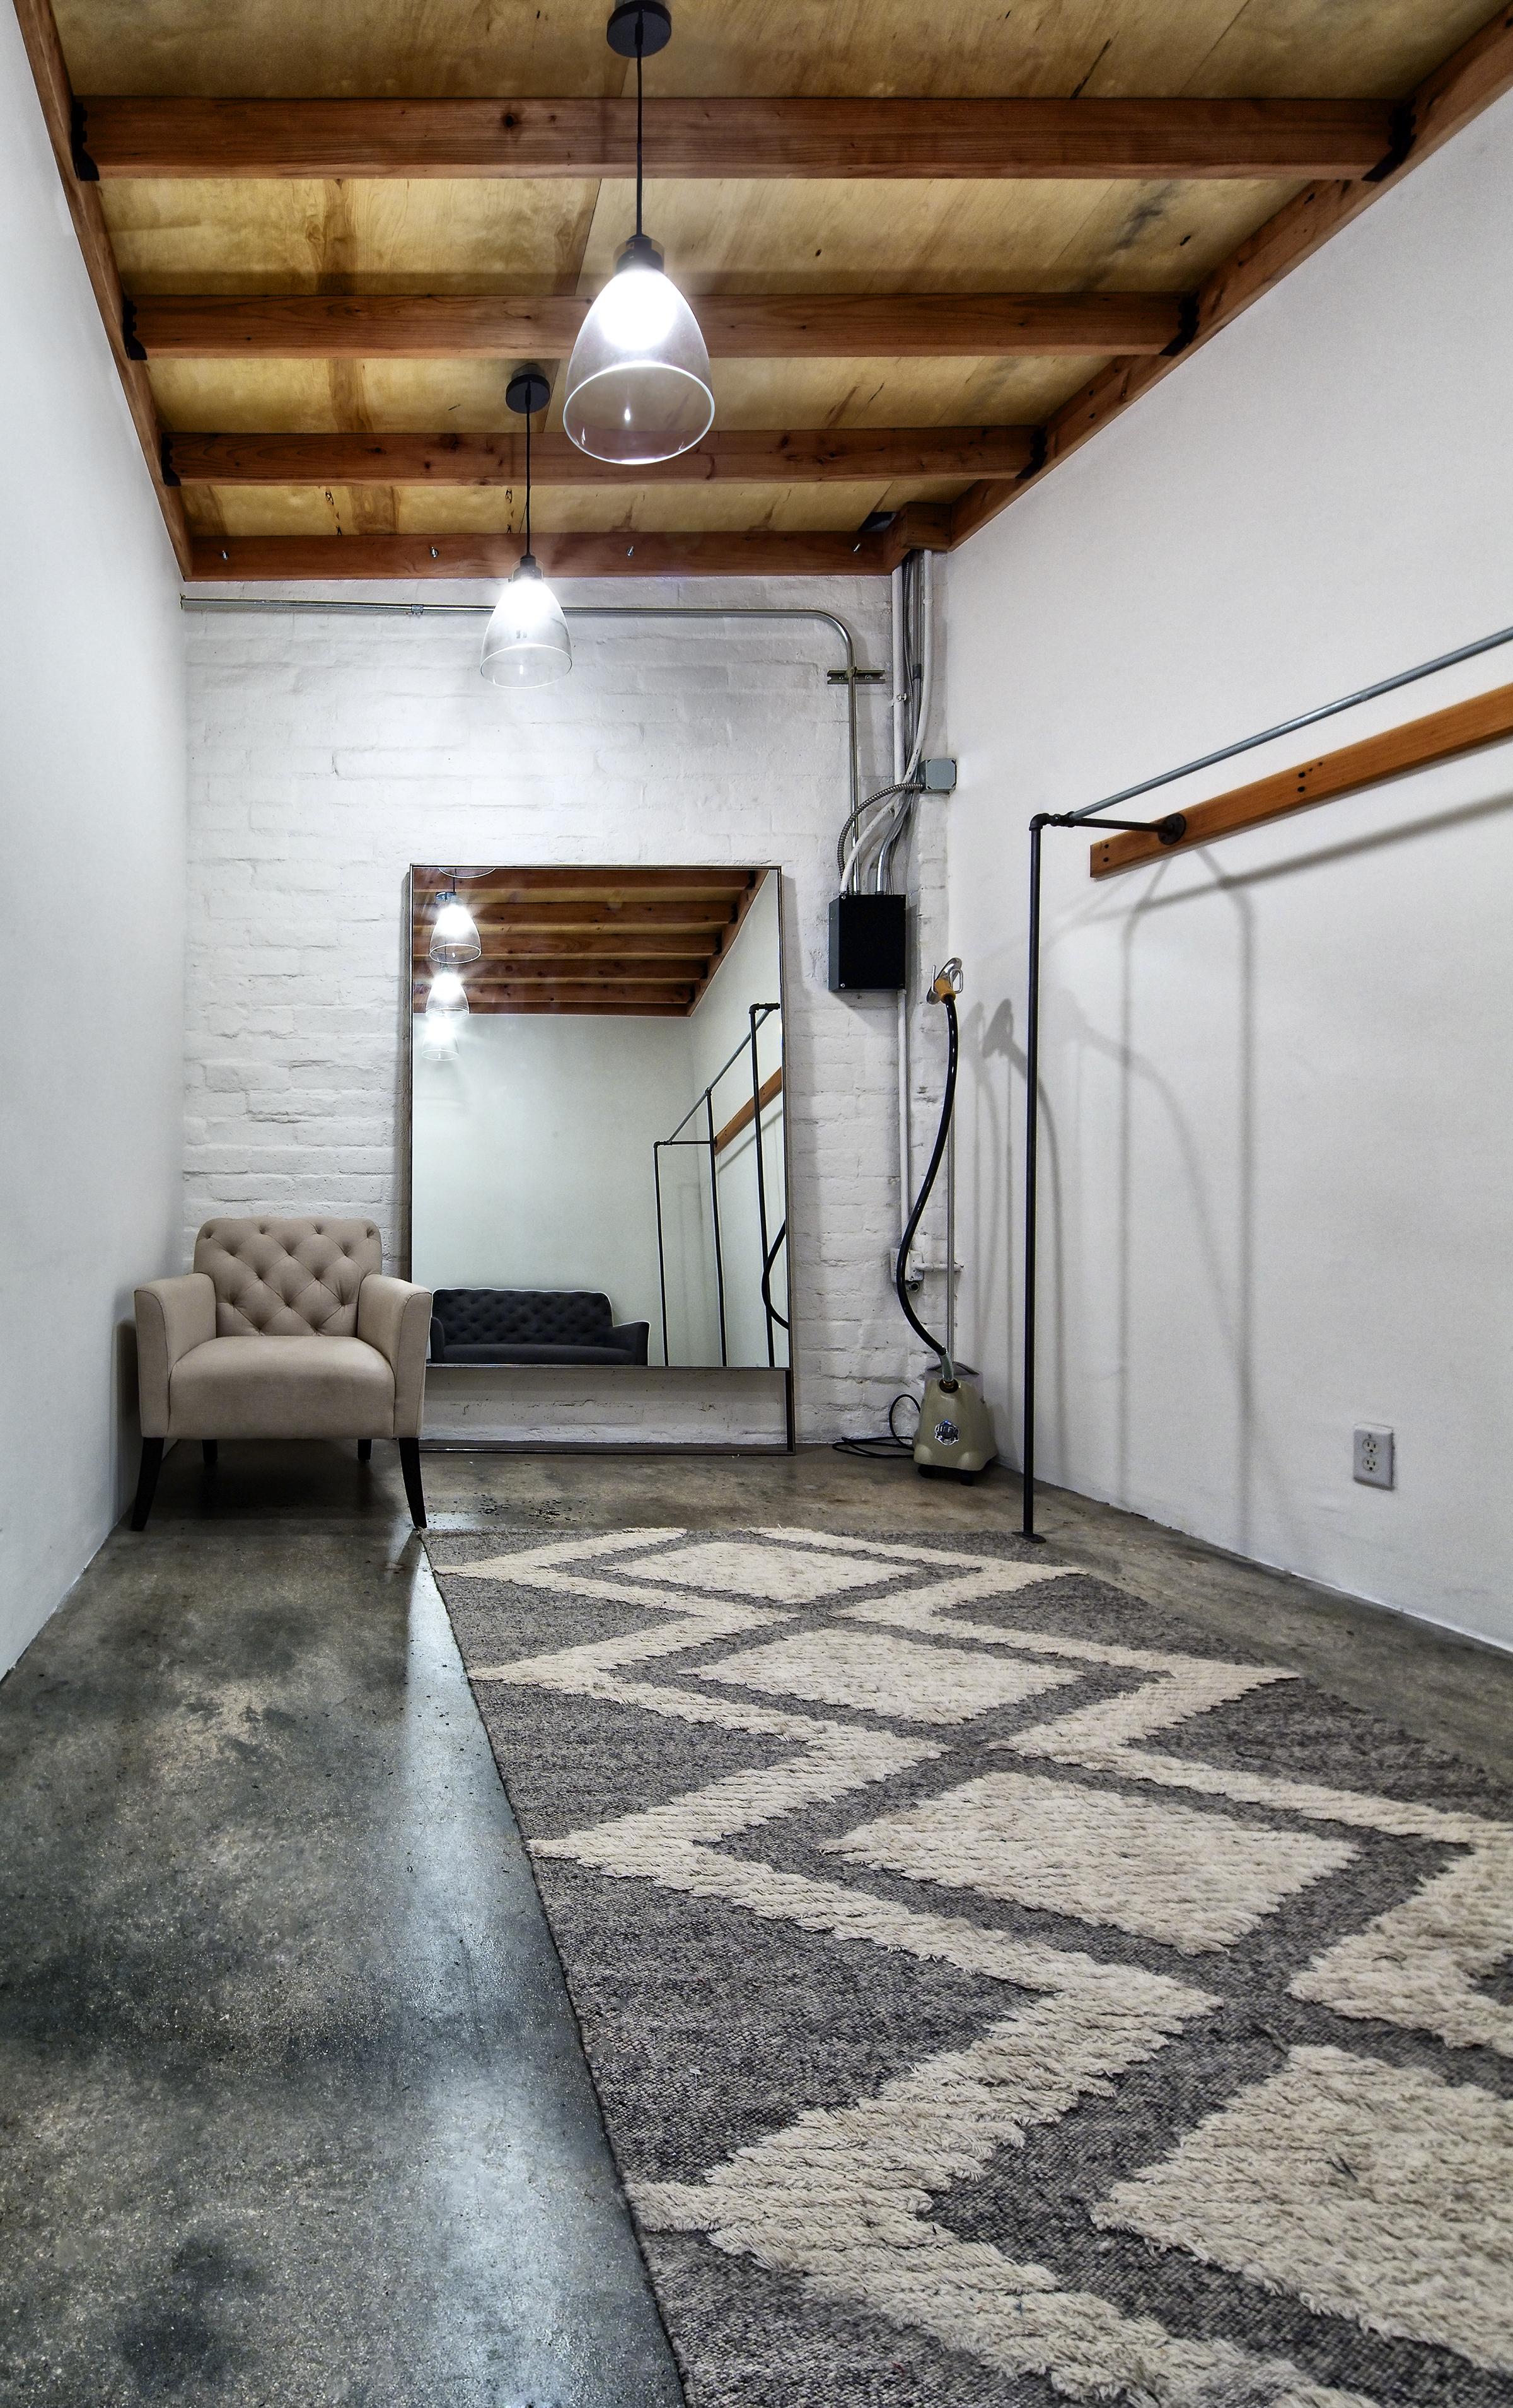 The Wardrobe Room